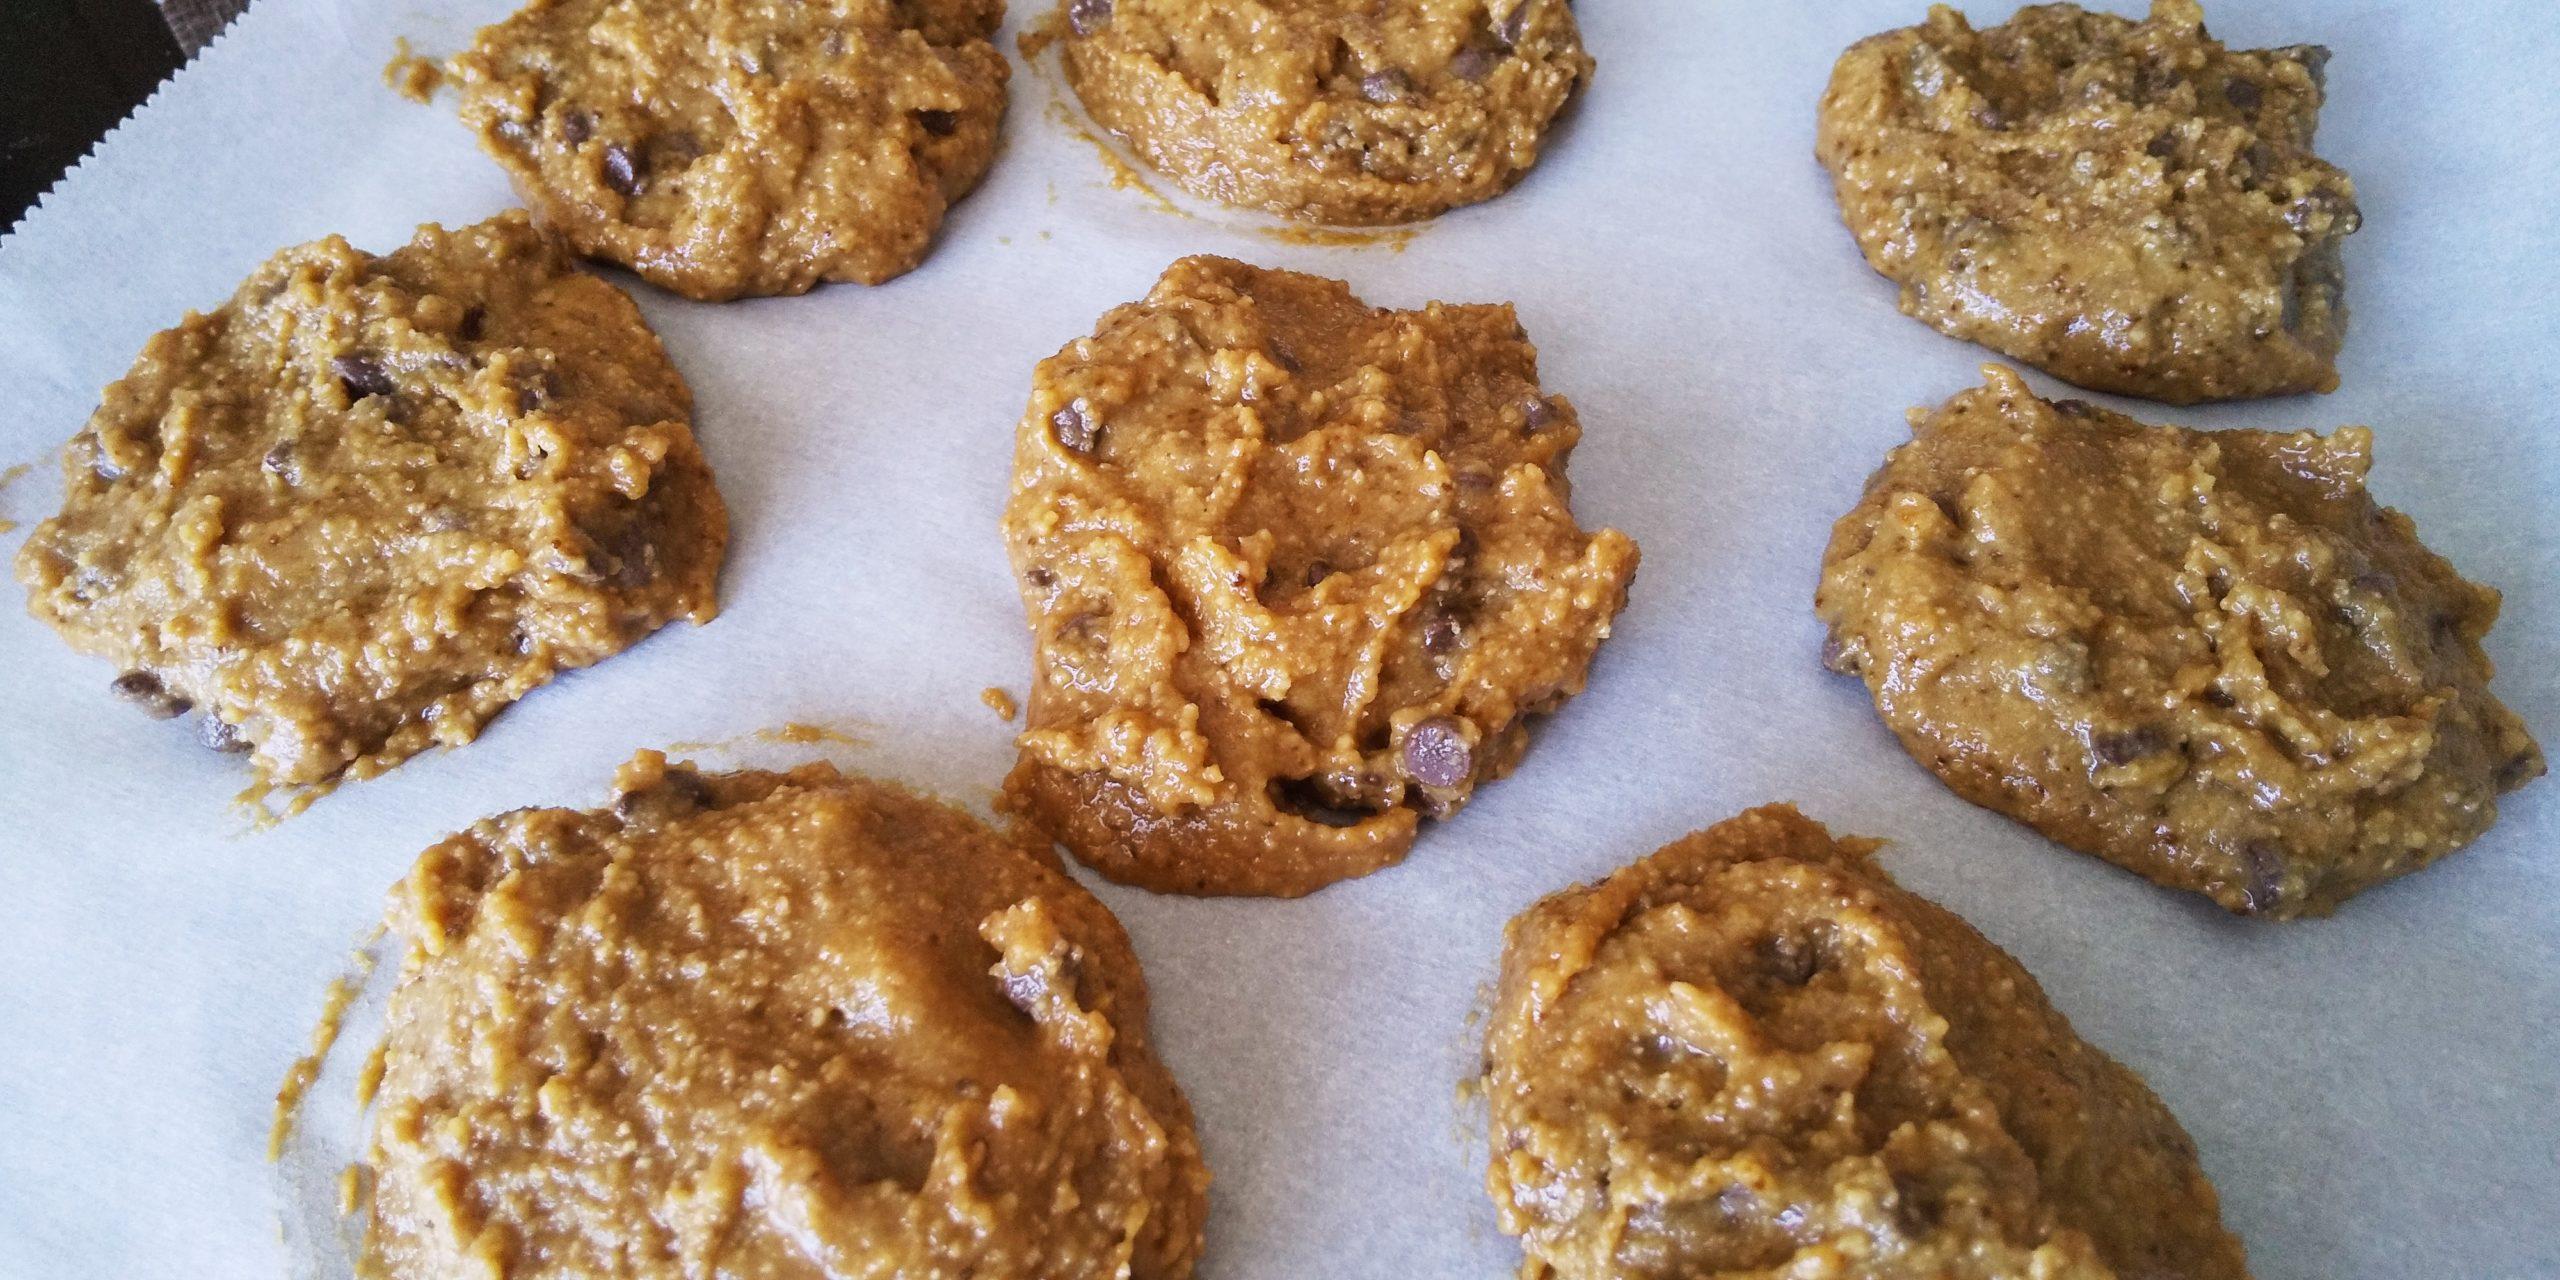 アイハーブのイチオシ!クッキーと勘違いして買ったクッキーミックスが美味しすぎた話